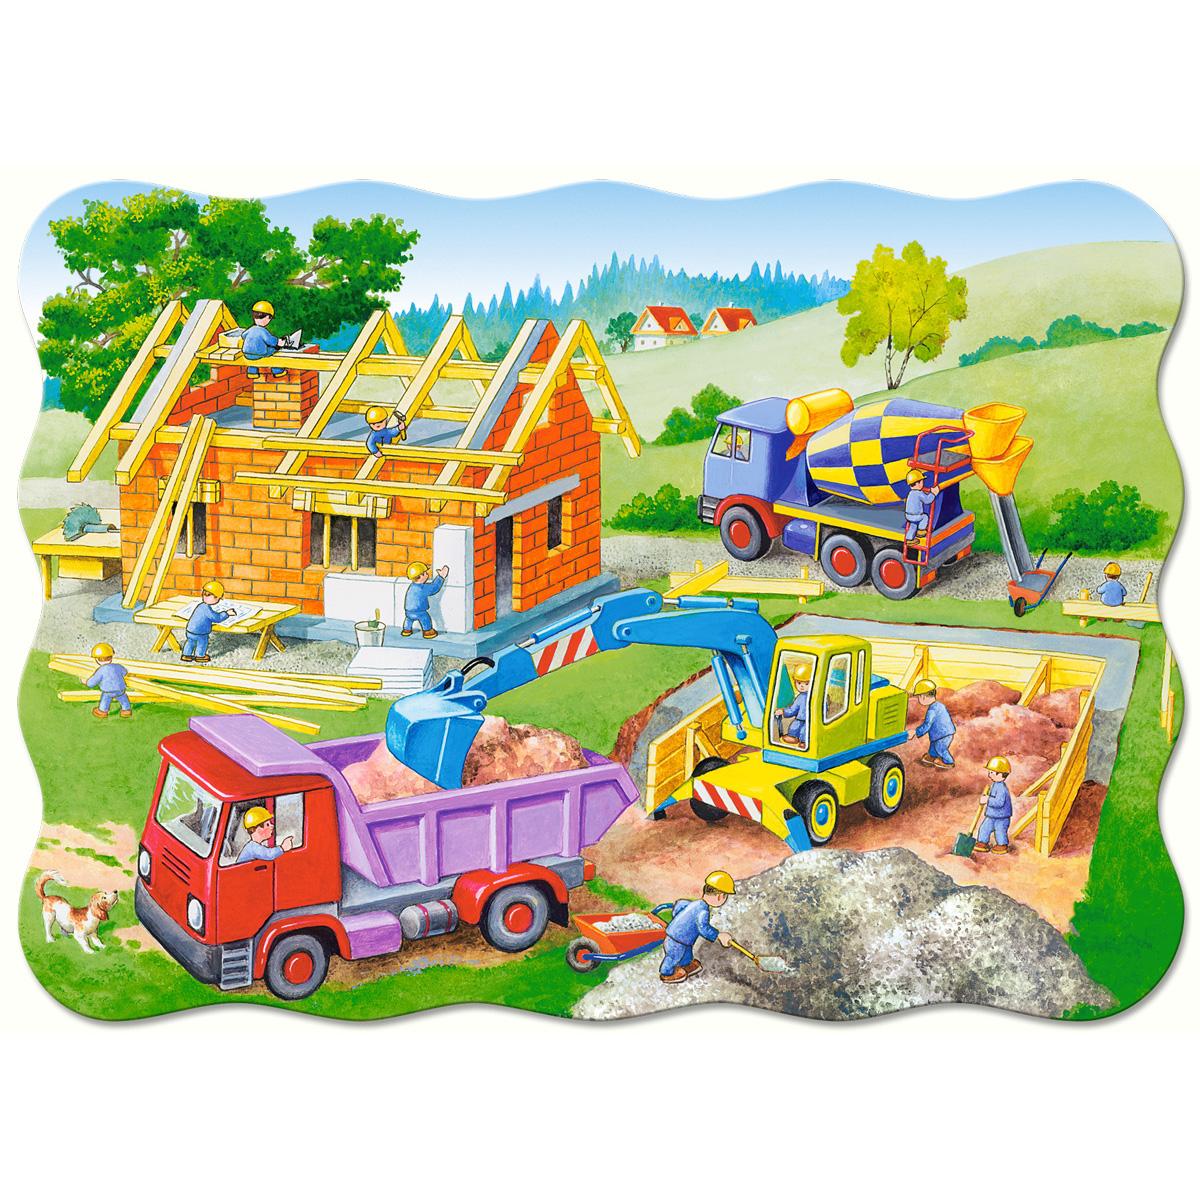 Картинки стройки дома для детей